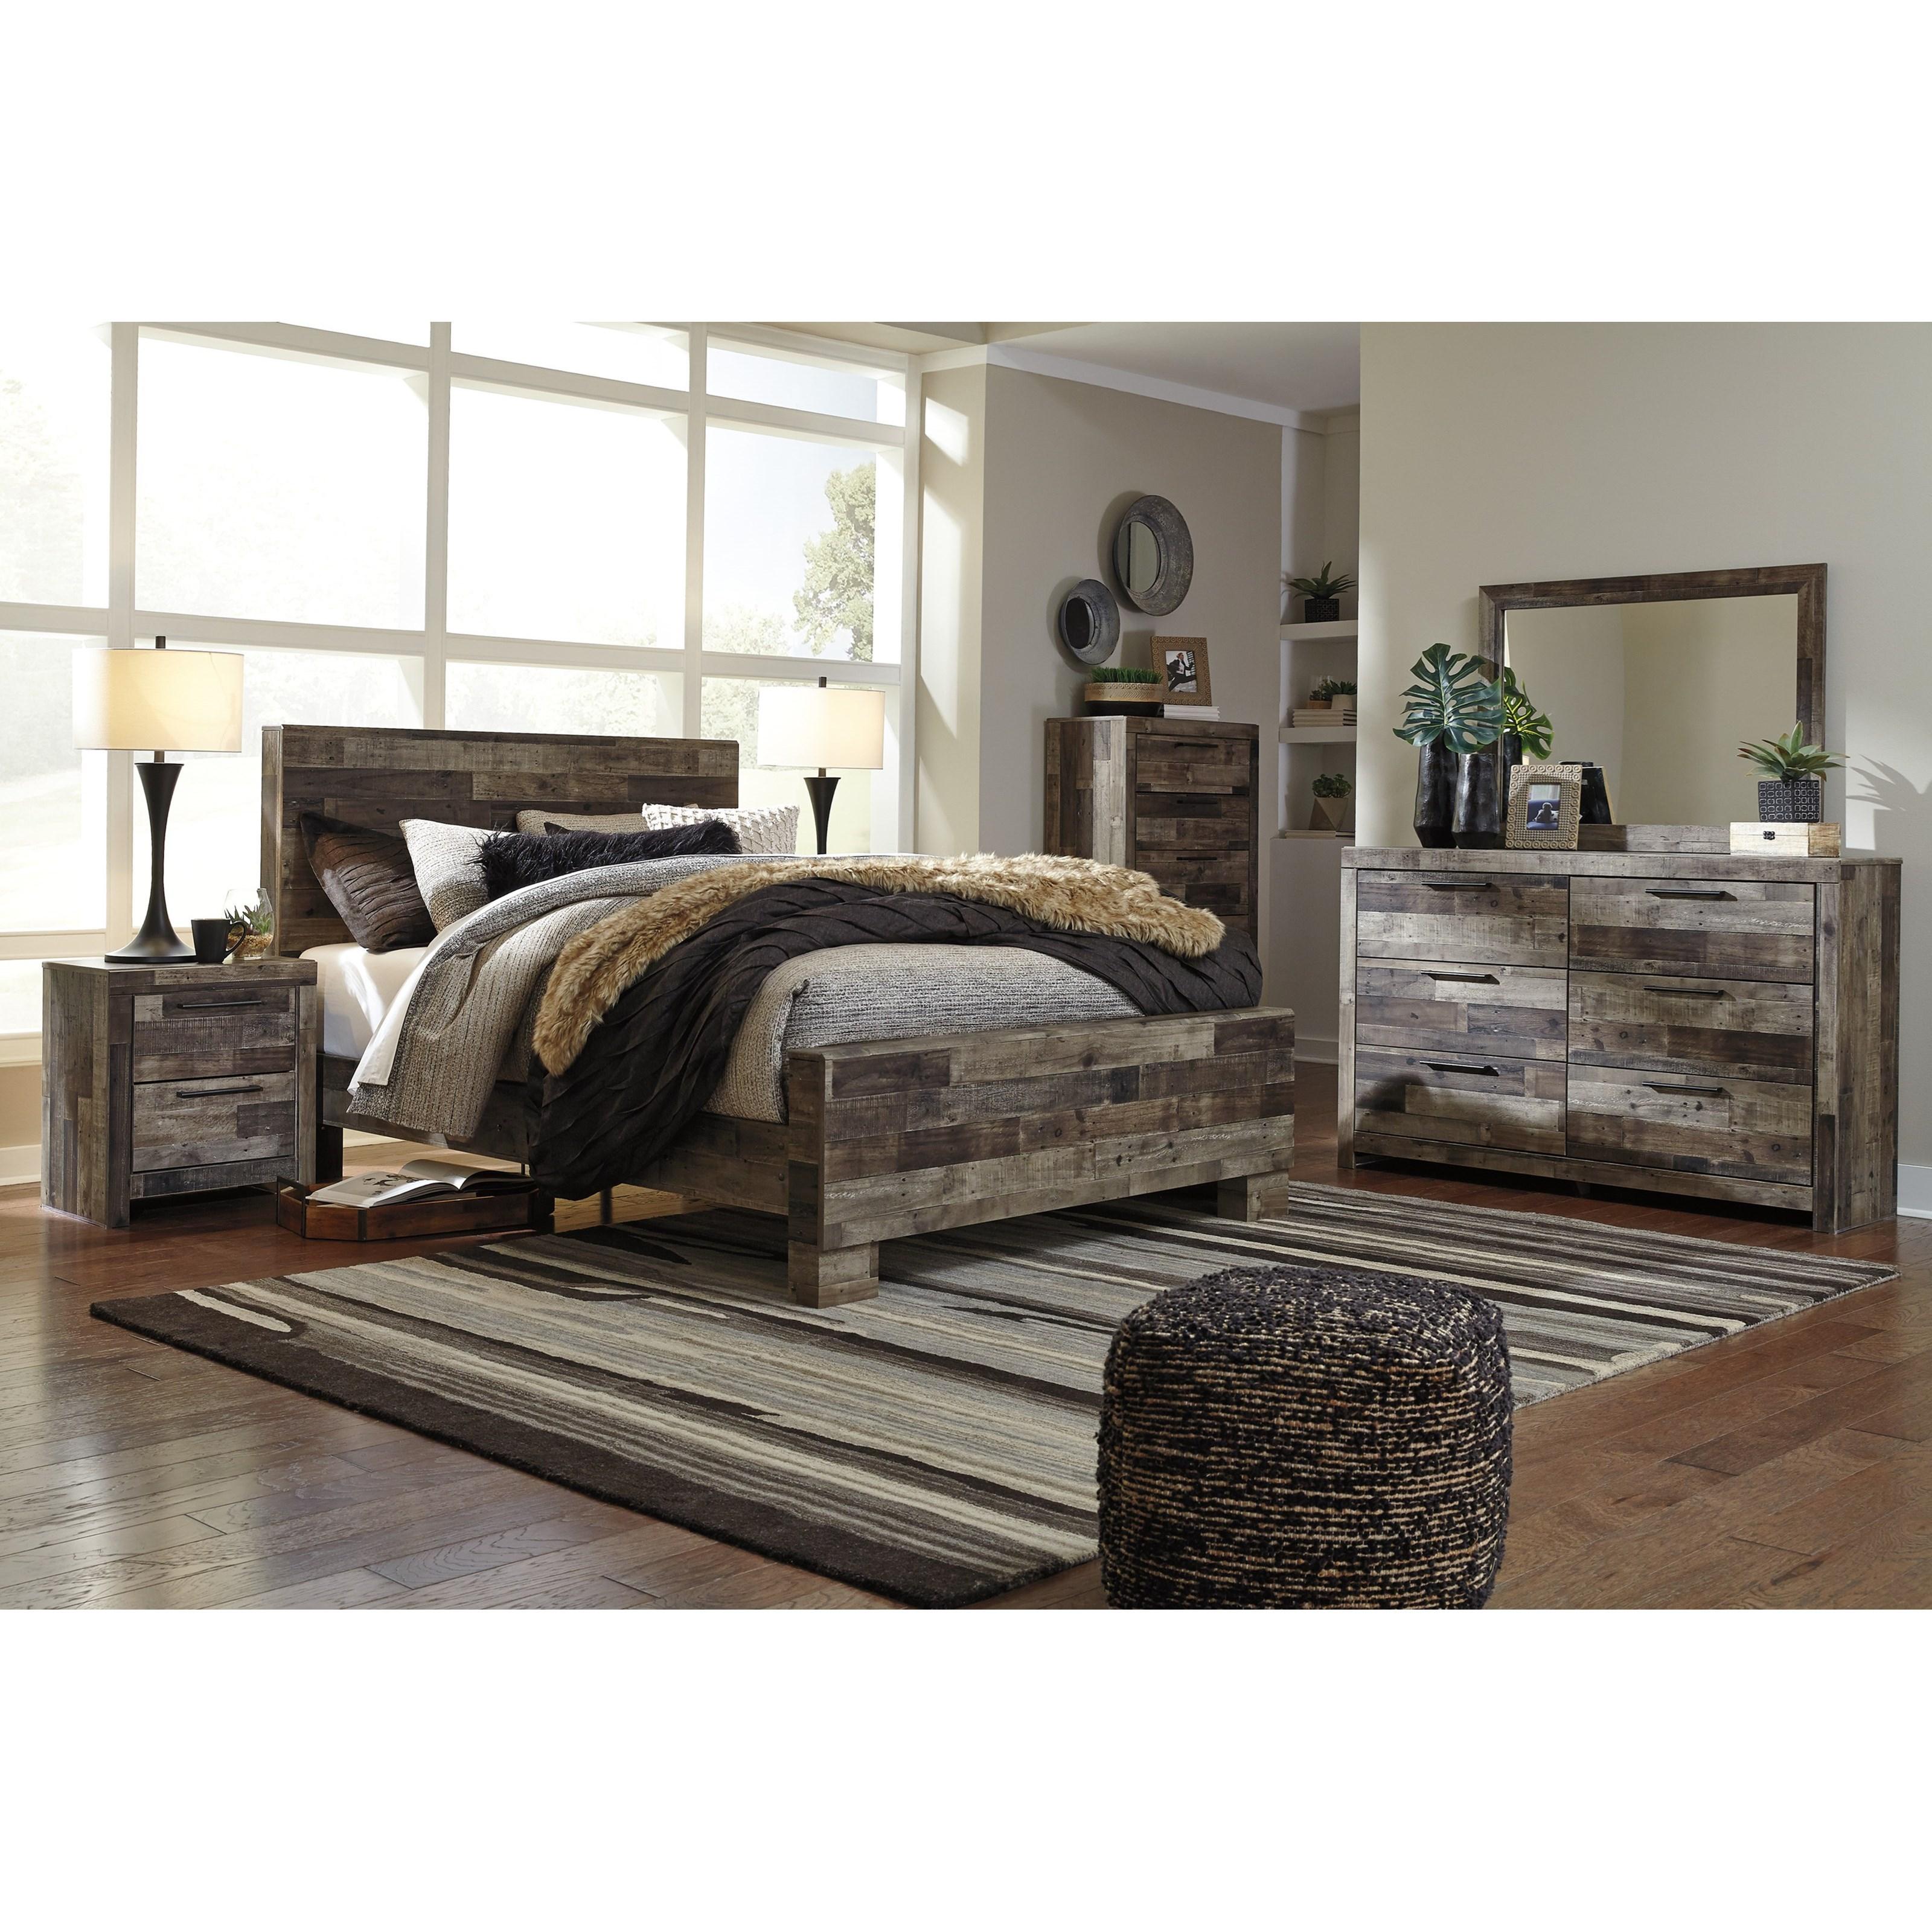 Benchcraft By Ashley Derekson Rustic Modern Dresser